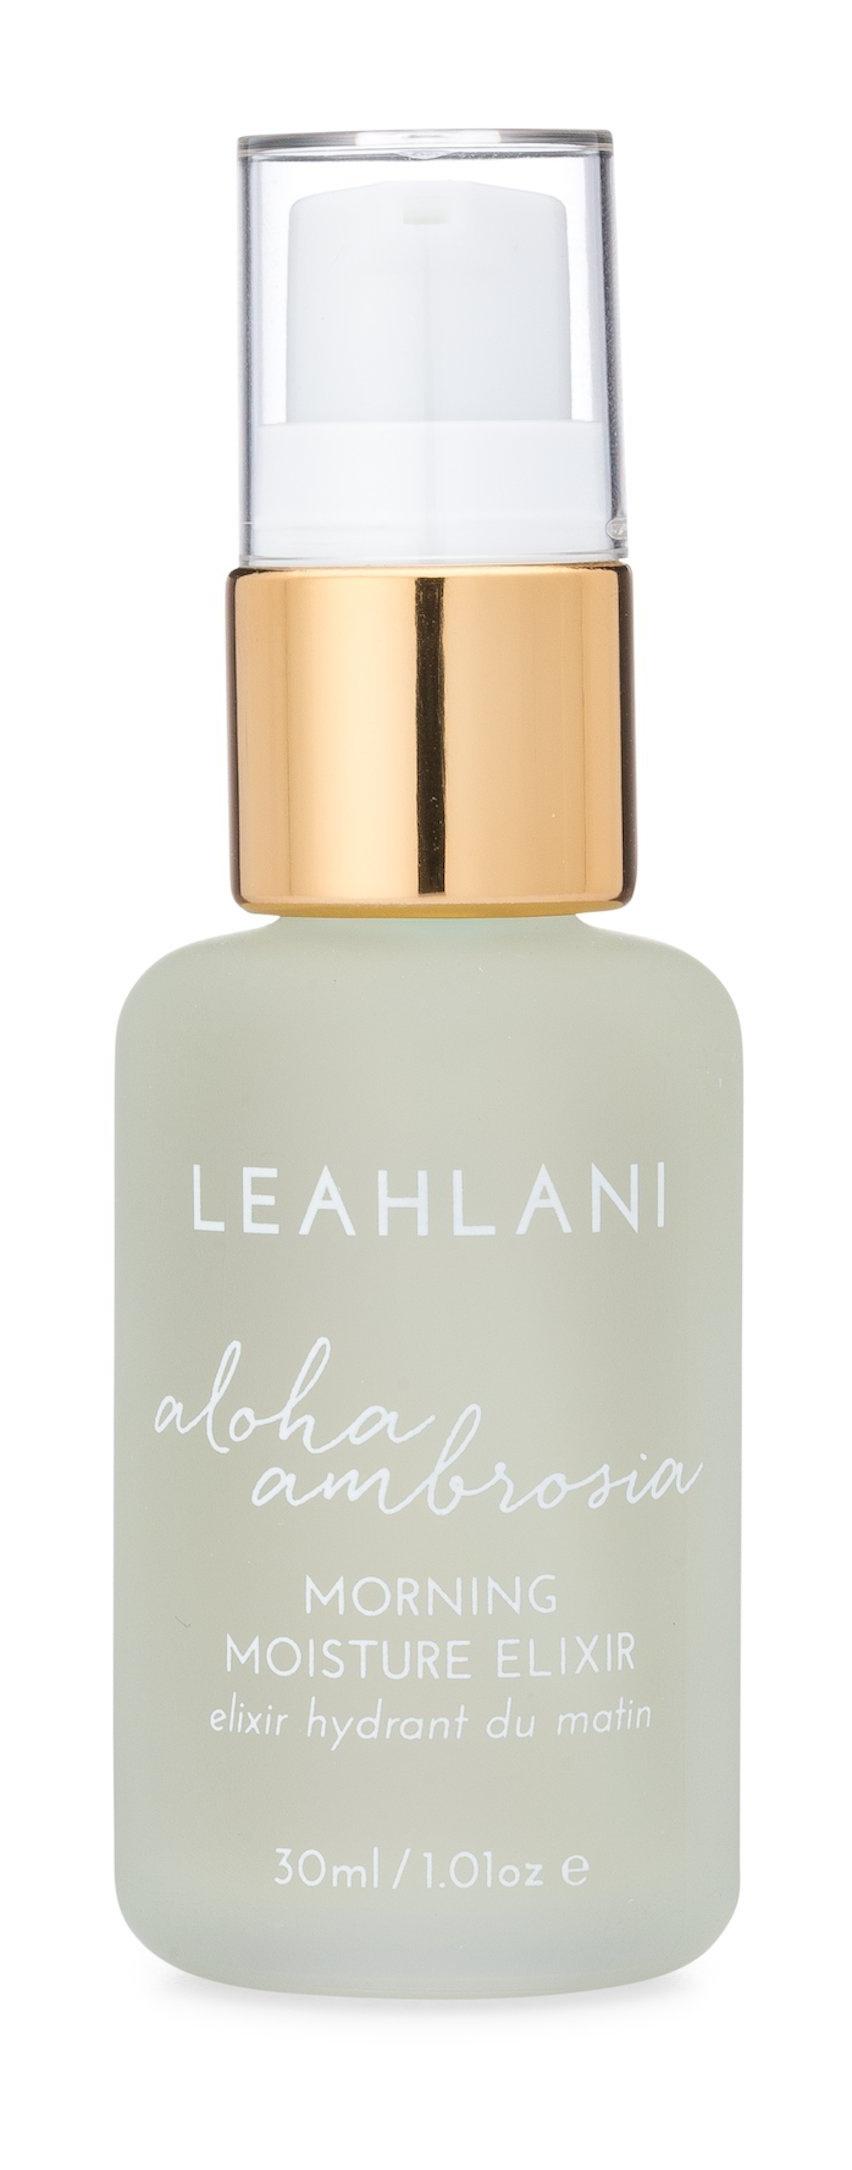 Leahlani Aloha Ambrosia Morning Moisture Elixir